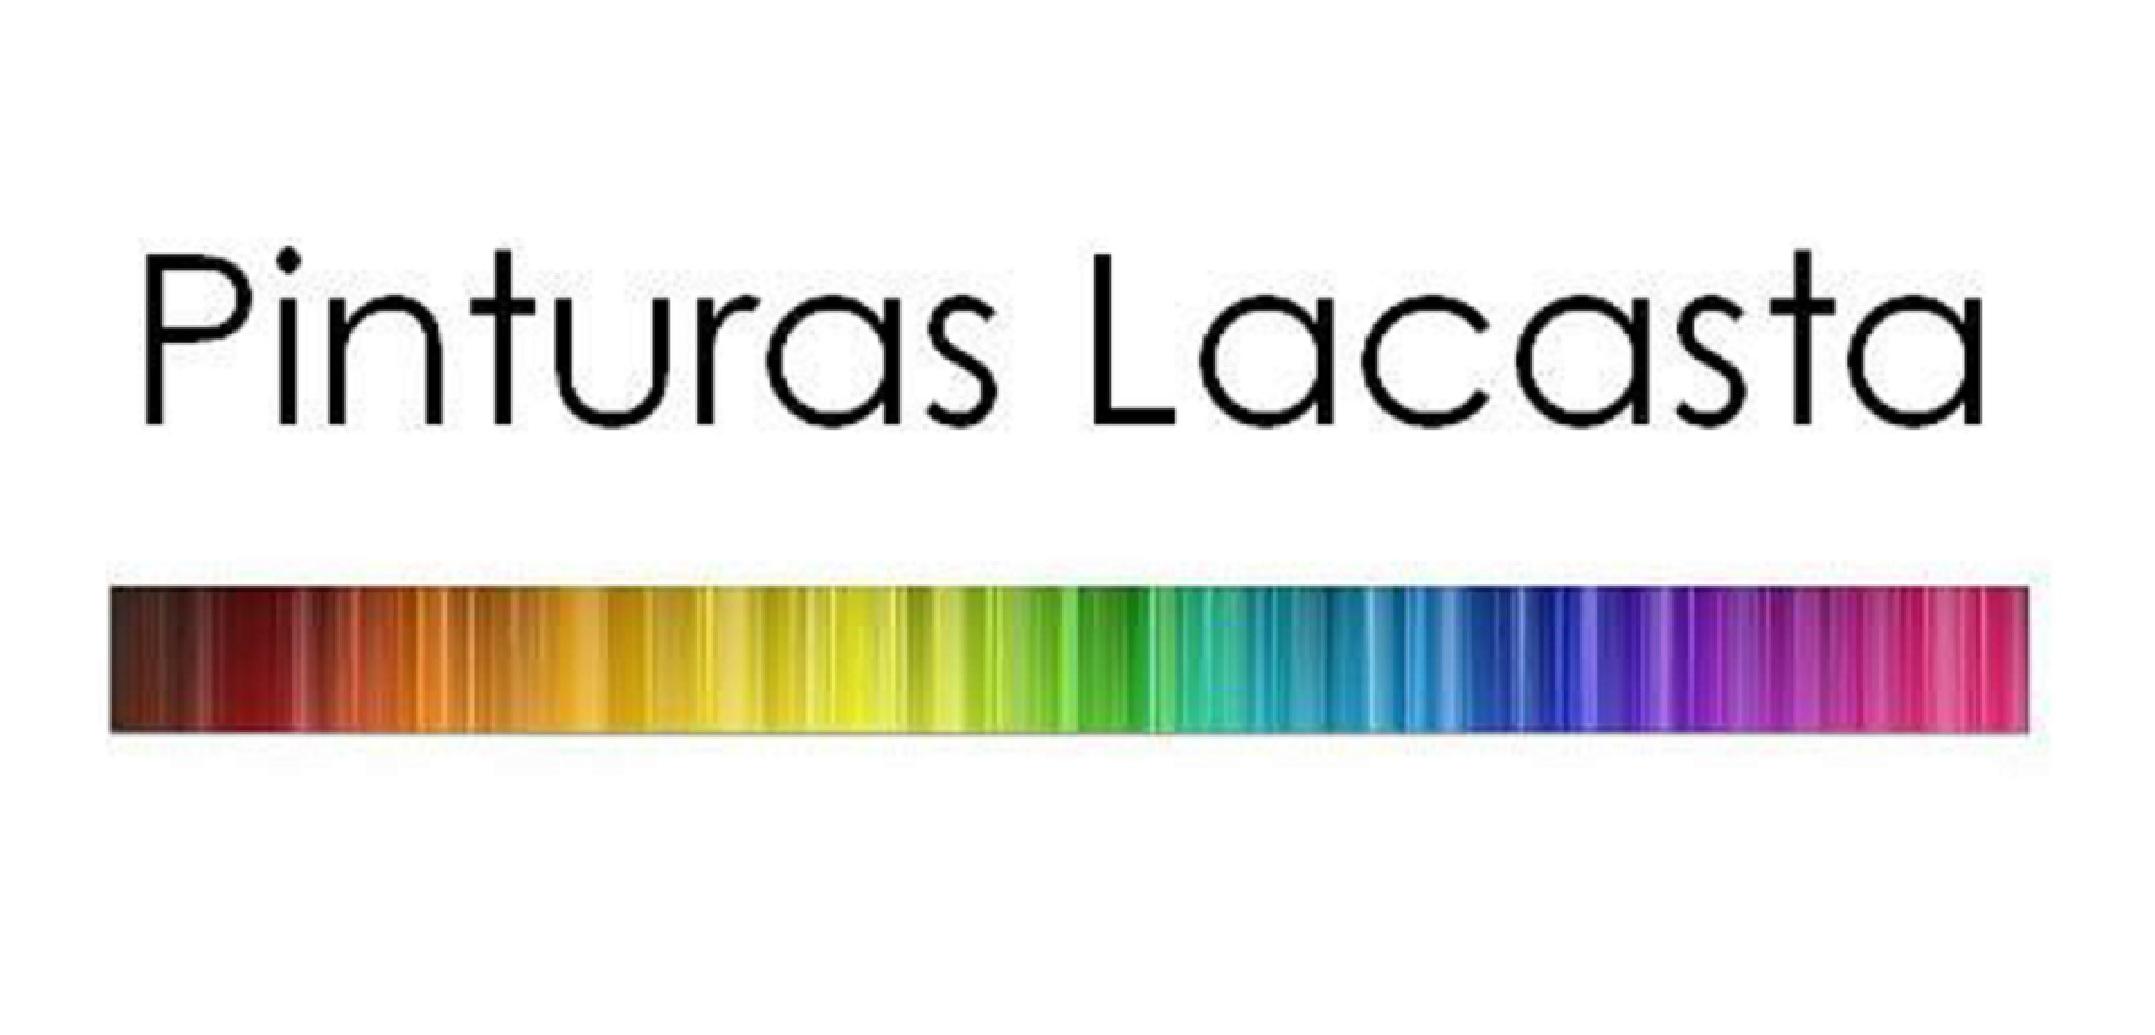 Pinturas Lacasta